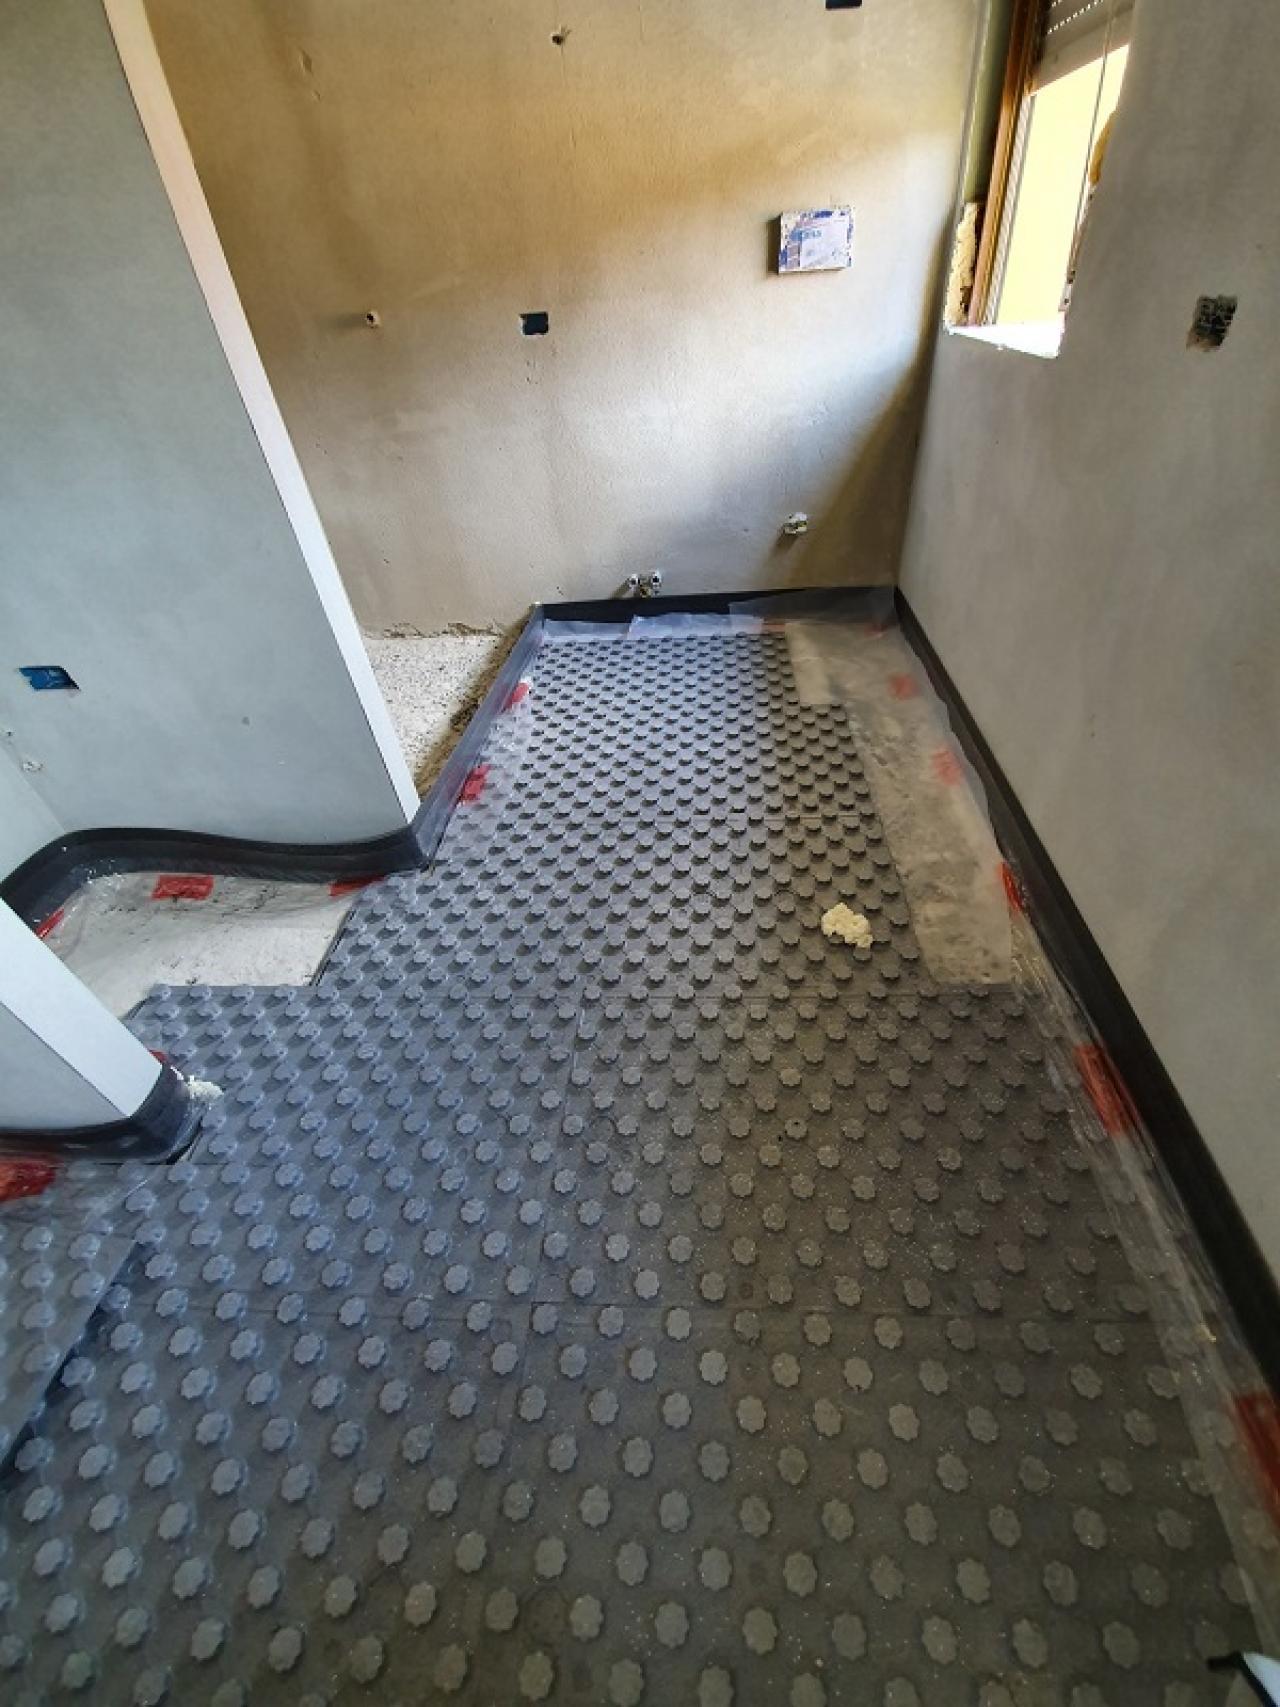 Ristrutturazione Riscaldamento A Pavimento riscaldamento a pavimento - installazione a vicenza e verona